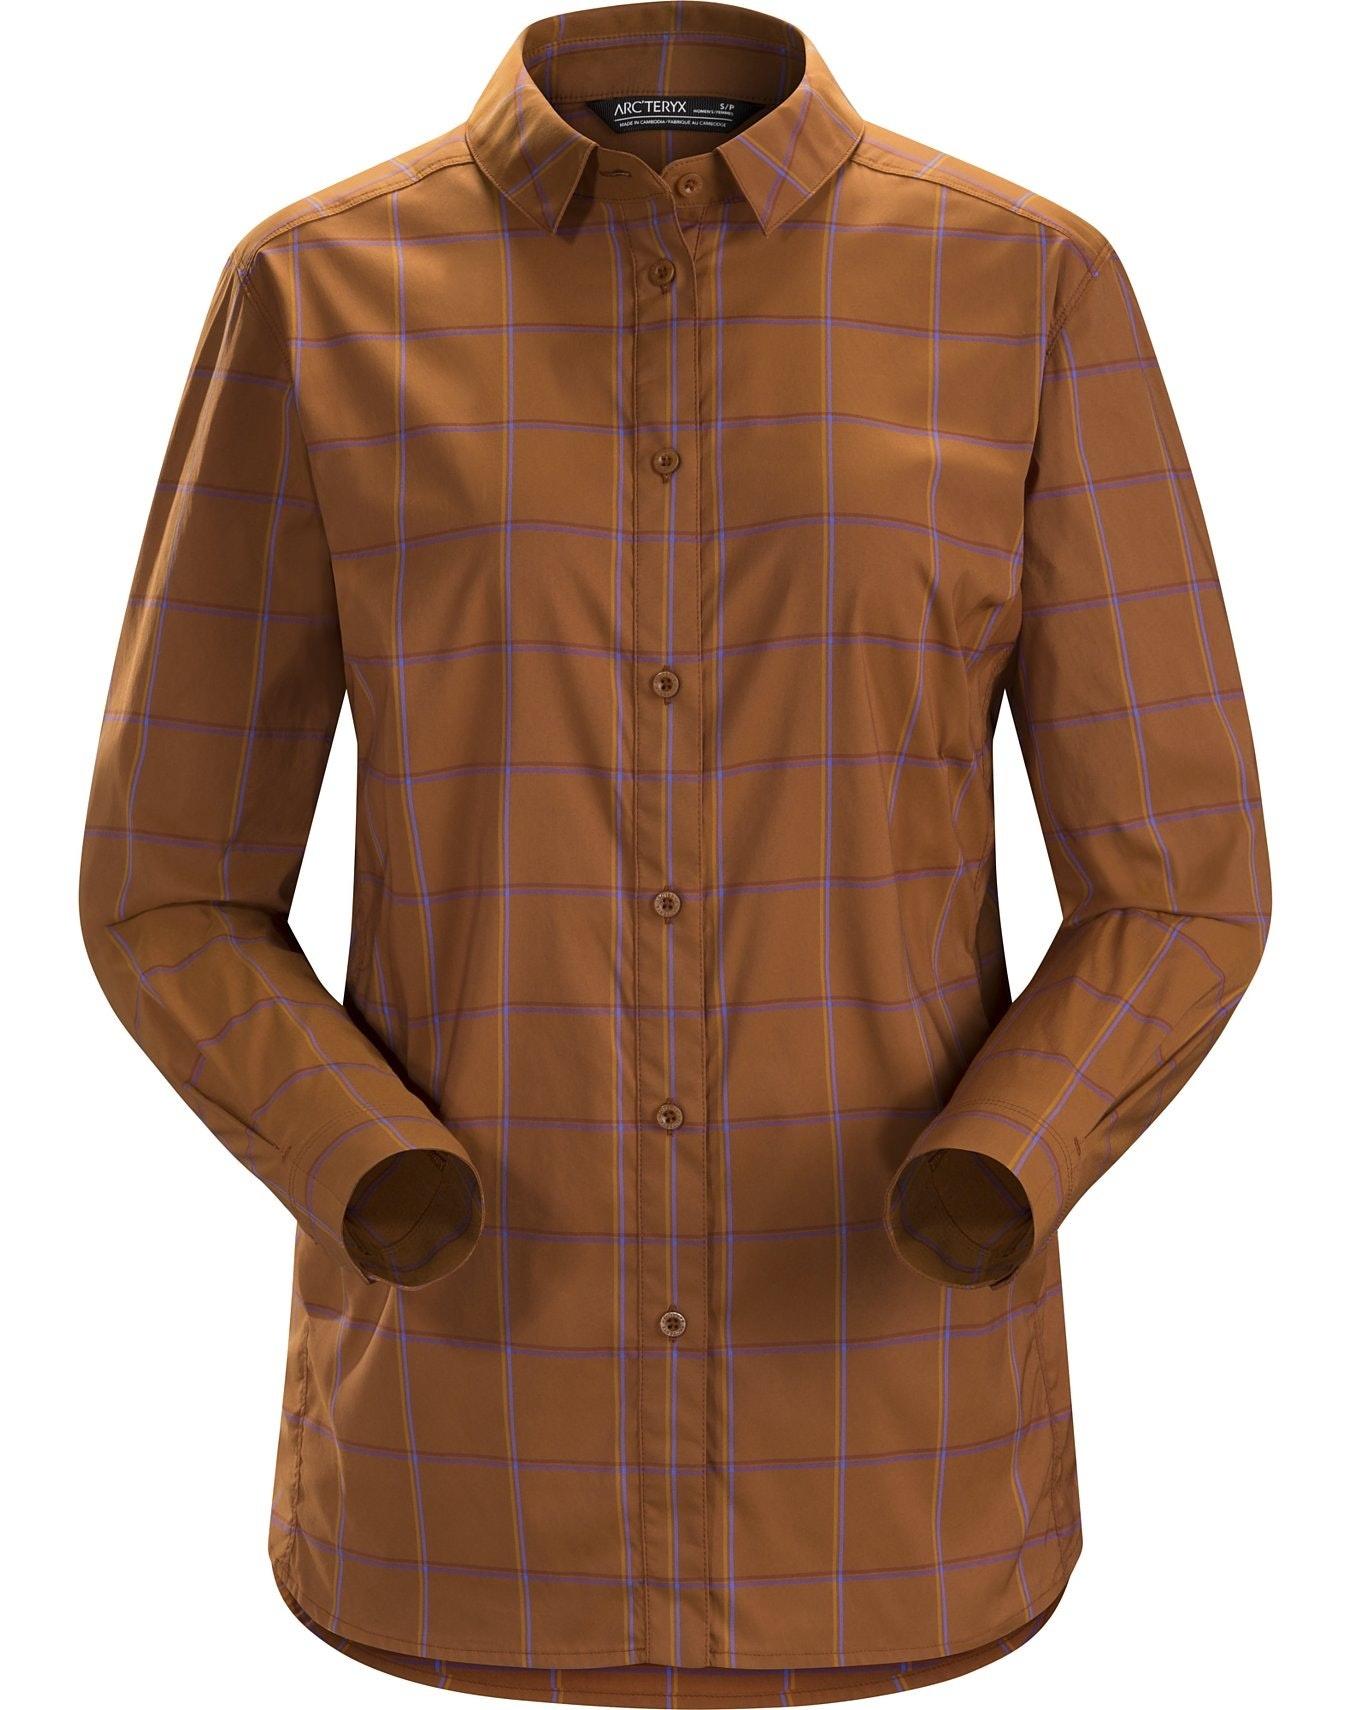 Arcteryx Women's Riel Shirt LS